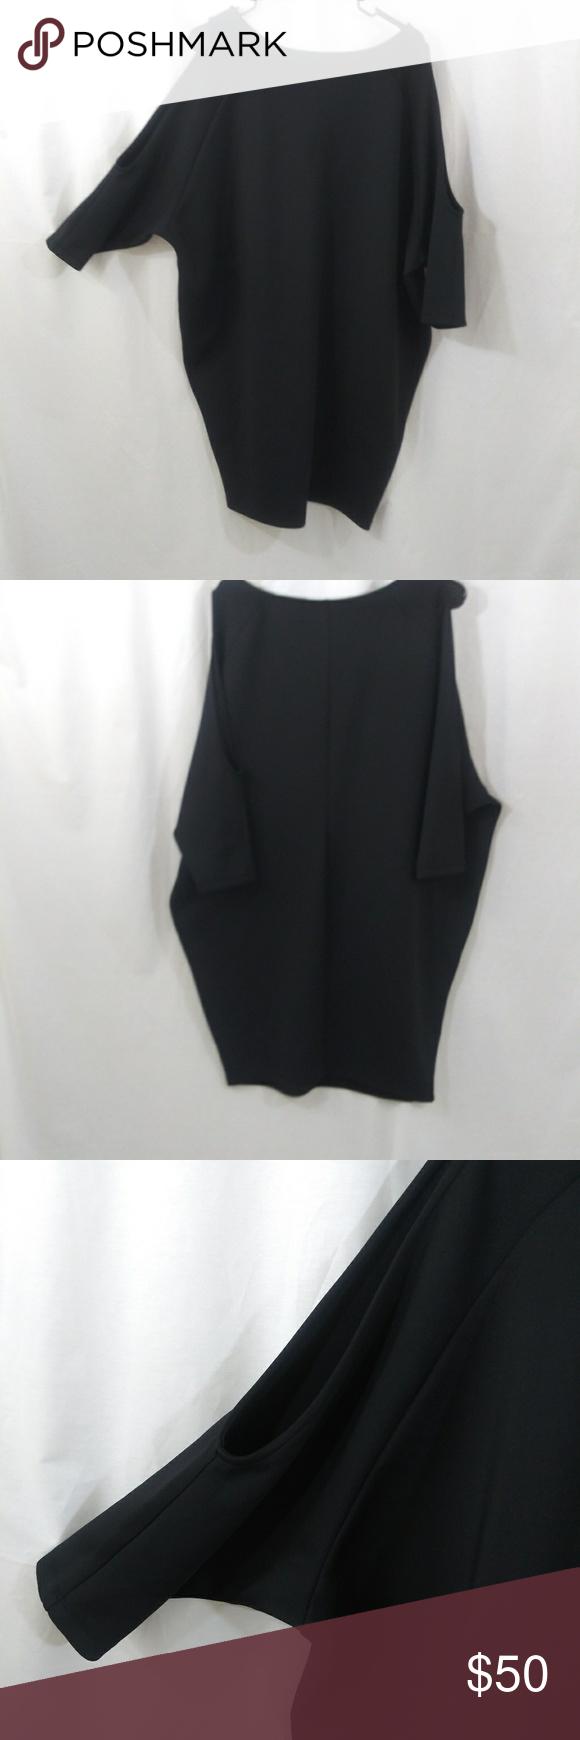 Boutique Black Cold Shoulder Dress Plus Size 0x Black Cold Shoulder Dress Cold Shoulder Dress Black Cold Shoulder [ 1740 x 580 Pixel ]